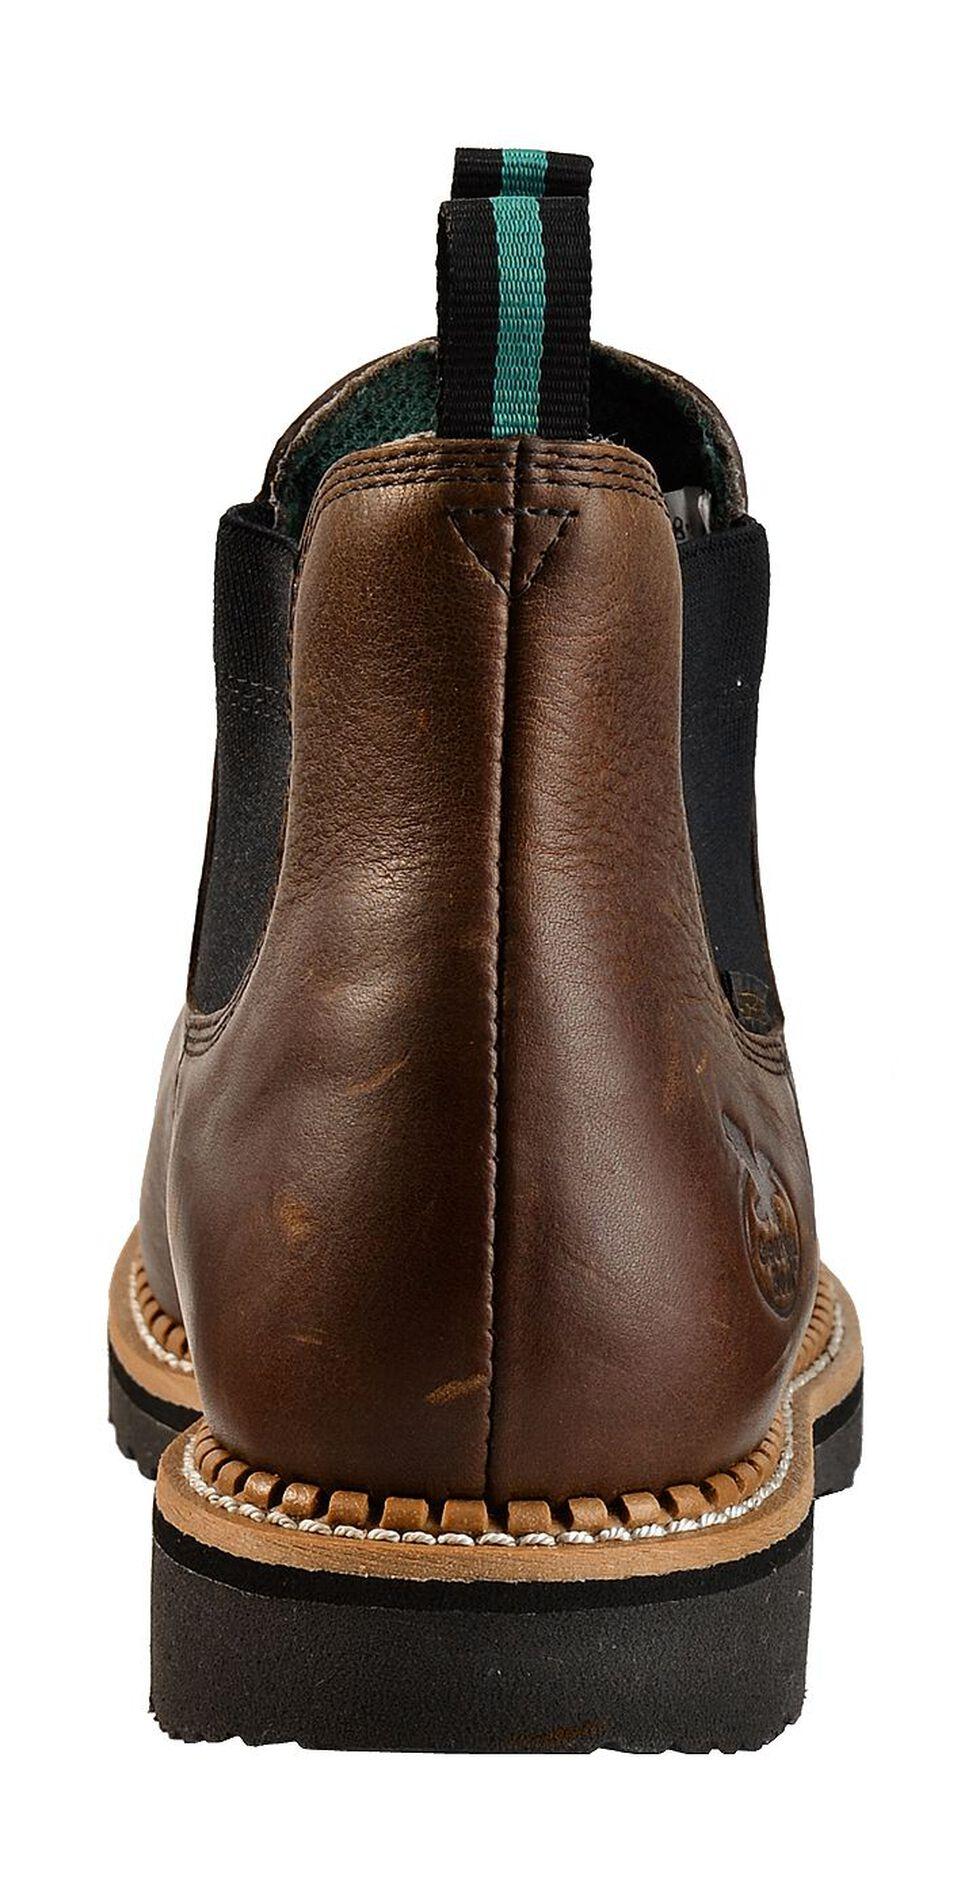 Georgia Boot Romeo Waterproof Slip-On Work Shoes - Steel Toe, Brown, hi-res